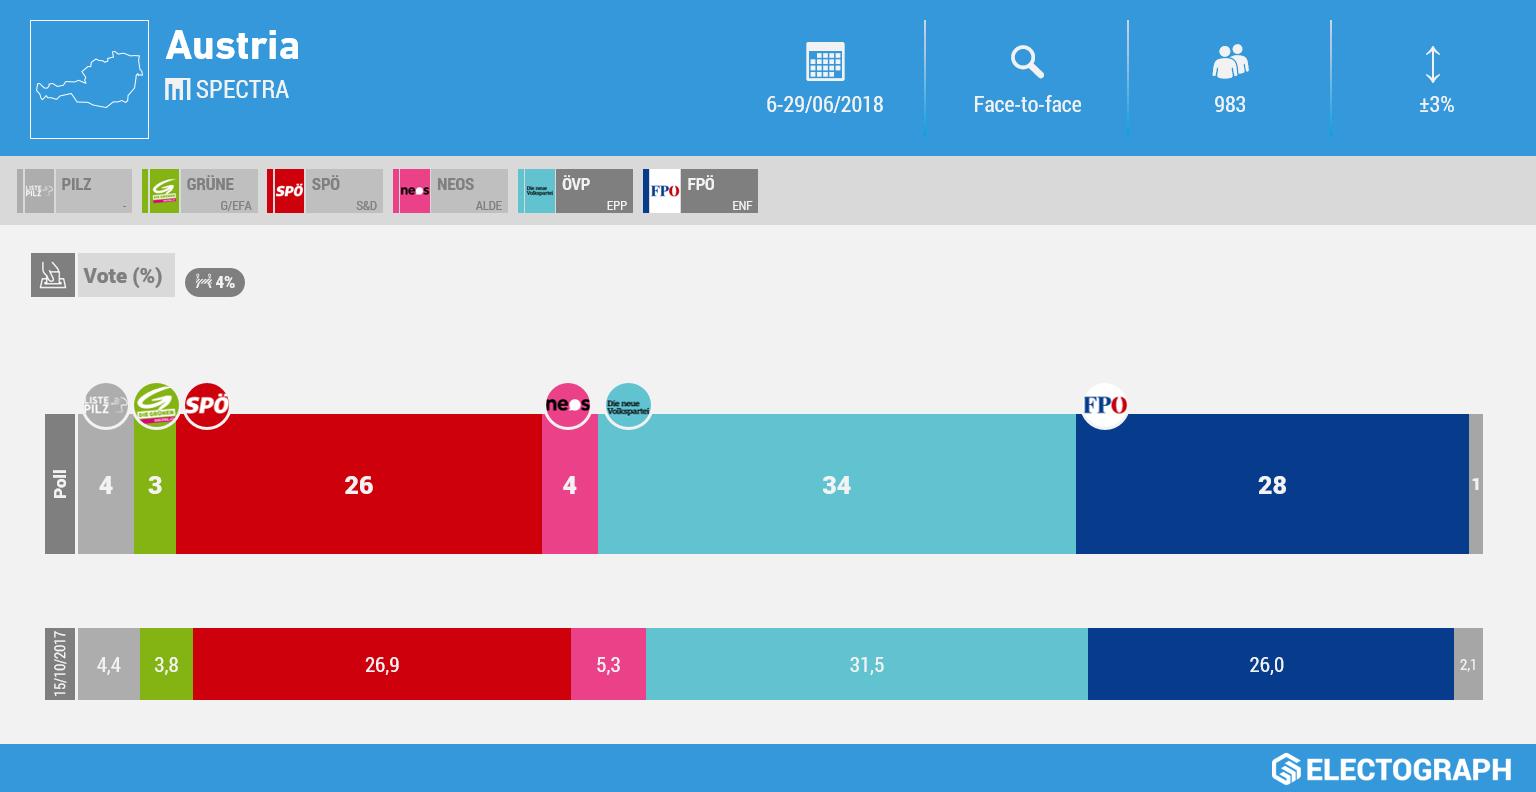 AUSTRIA: Spectra poll chart, June 2018